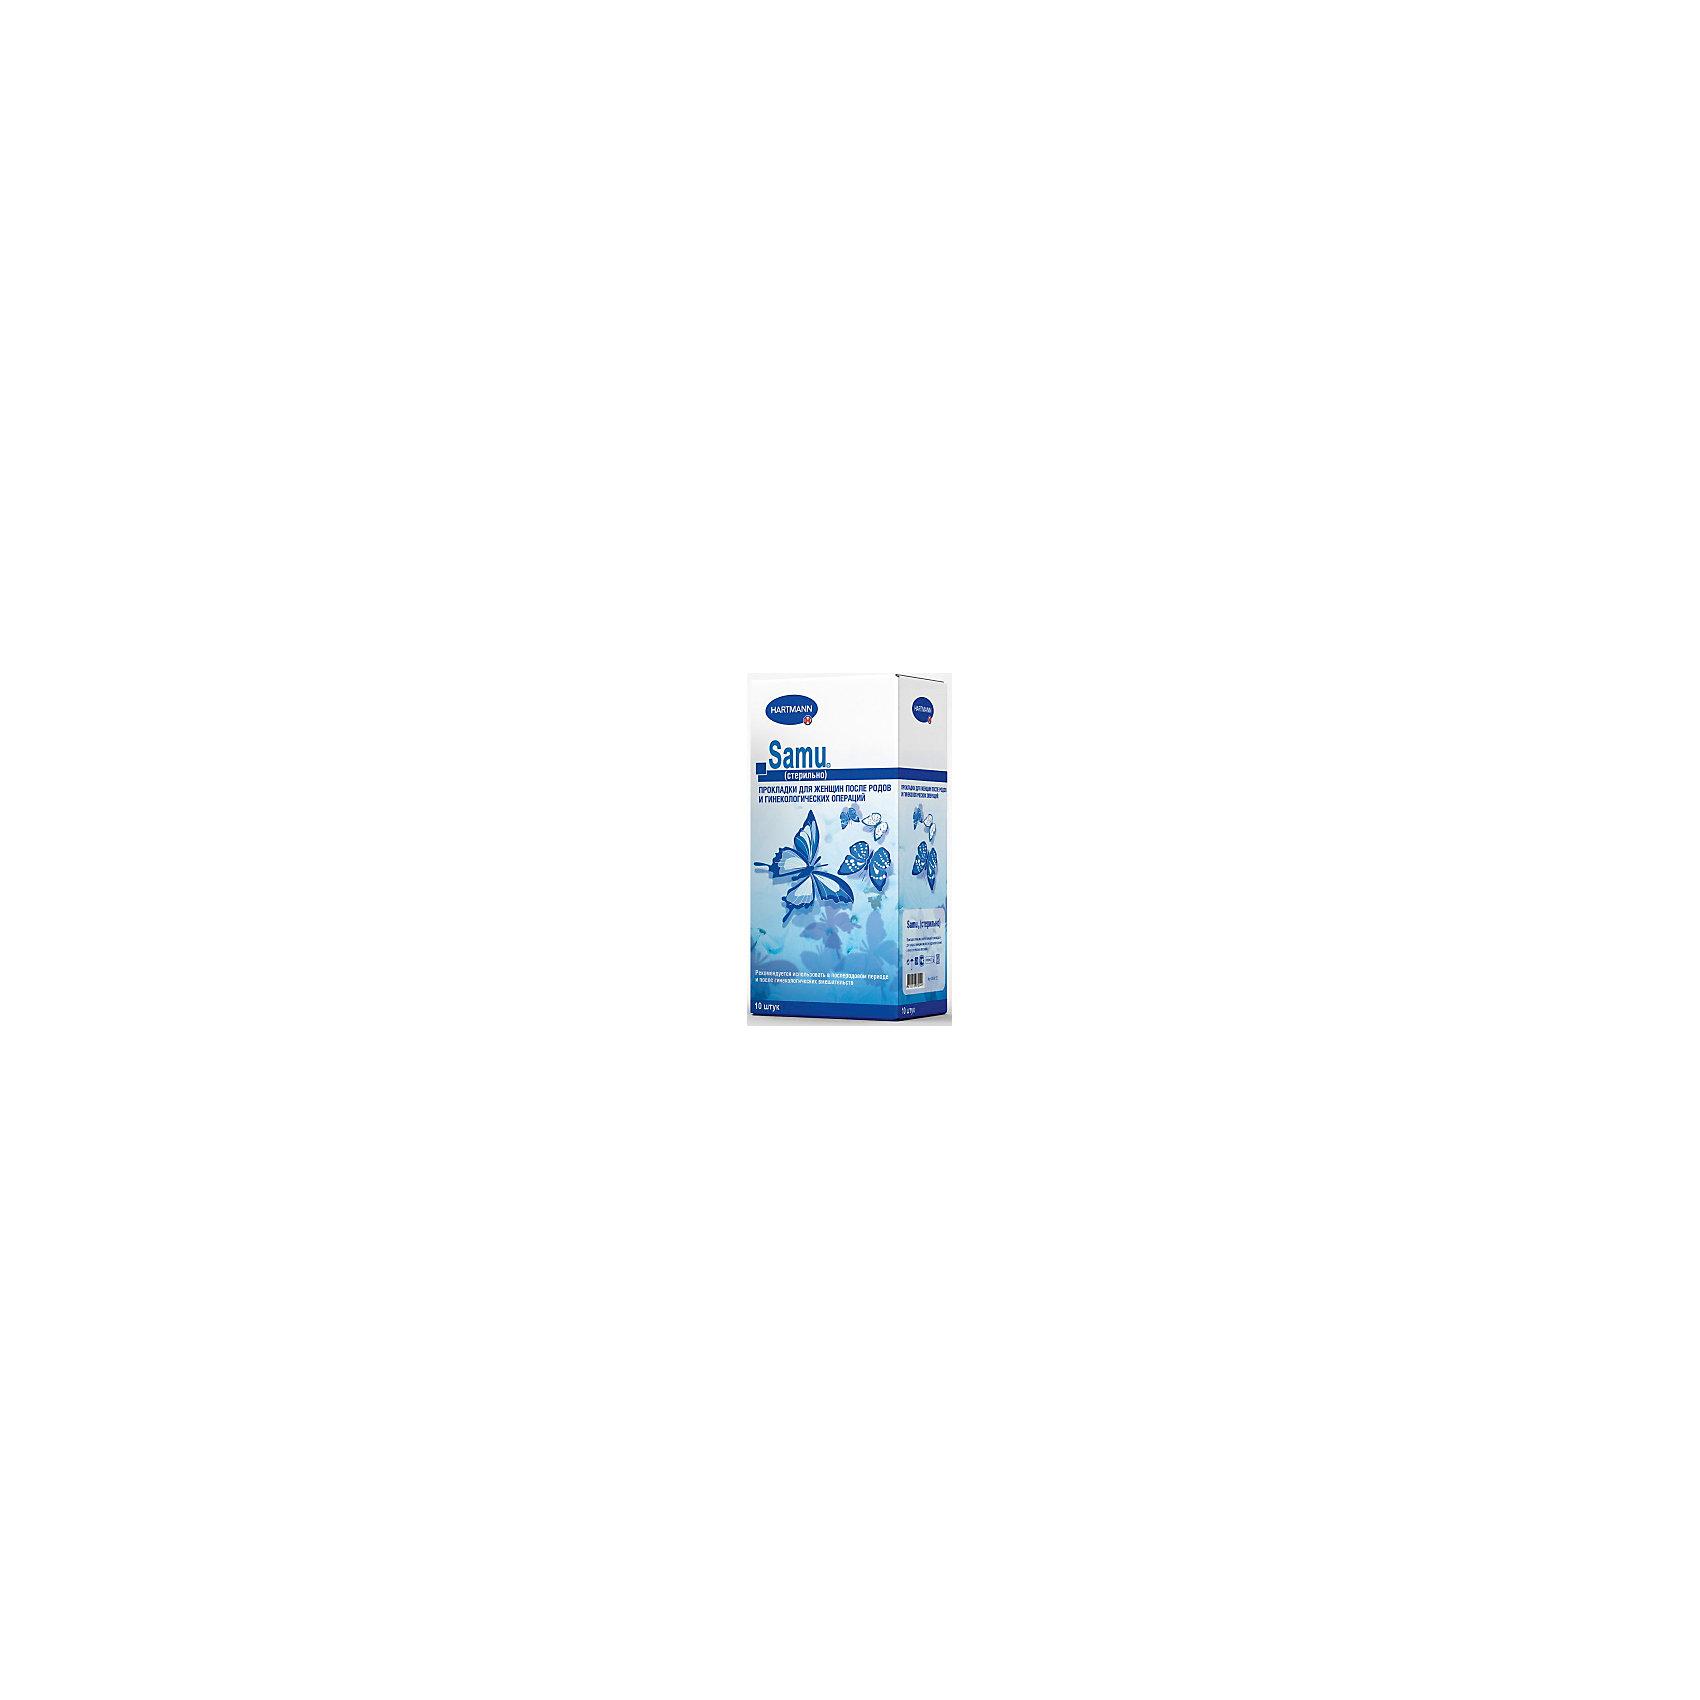 Прокладки Samu для рожениц стерильные (10шт.), HartmannСредства для ухода<br>Впитывающая подушечка данных прокладок изготовлена из мягкой распушенной целлюлозы с высокой сорбционной способностью.<br>Подушечка помещена между слоями крепированной бумаги и обернутой нетканым материалом. Гигиенические прокладки для рожениц стерильны.<br><br>Ширина мм: 120<br>Глубина мм: 220<br>Высота мм: 150<br>Вес г: 250<br>Возраст от месяцев: 216<br>Возраст до месяцев: 1188<br>Пол: Унисекс<br>Возраст: Детский<br>SKU: 4796673